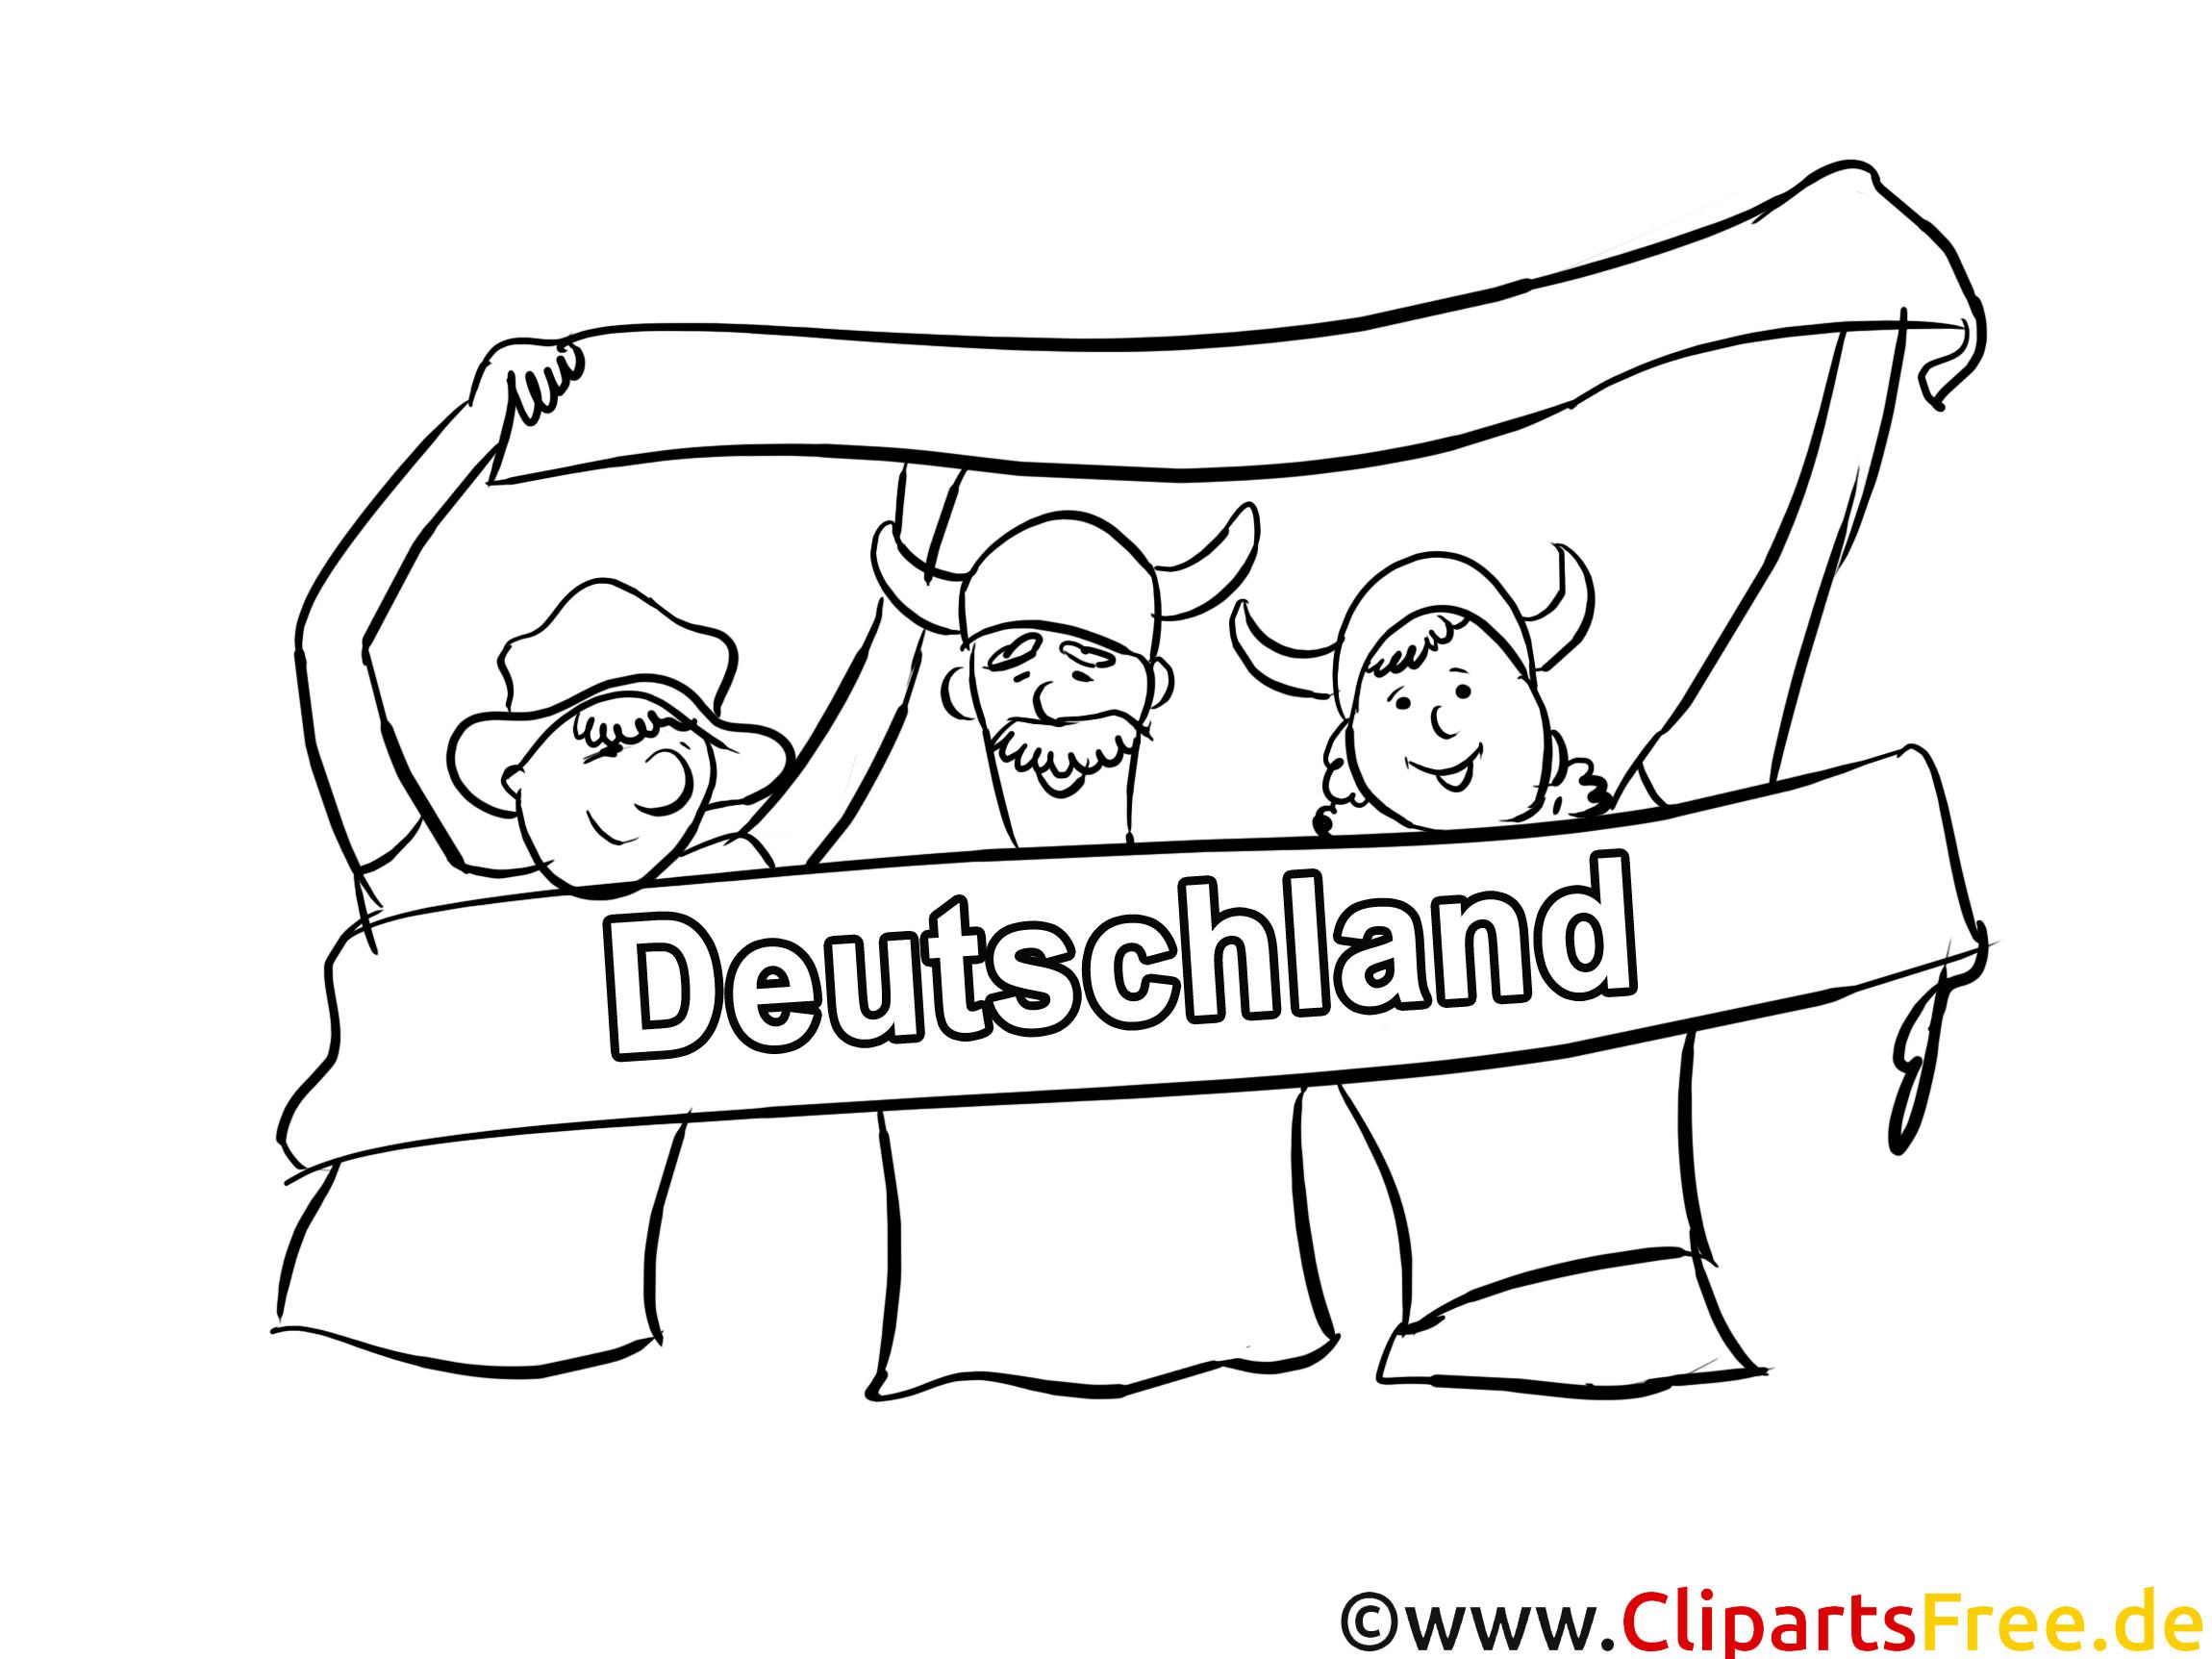 Ausmalbilder Deutschland  Deutschland Fußball Ausmalbilder und Malvorlagen zum Ausmalen